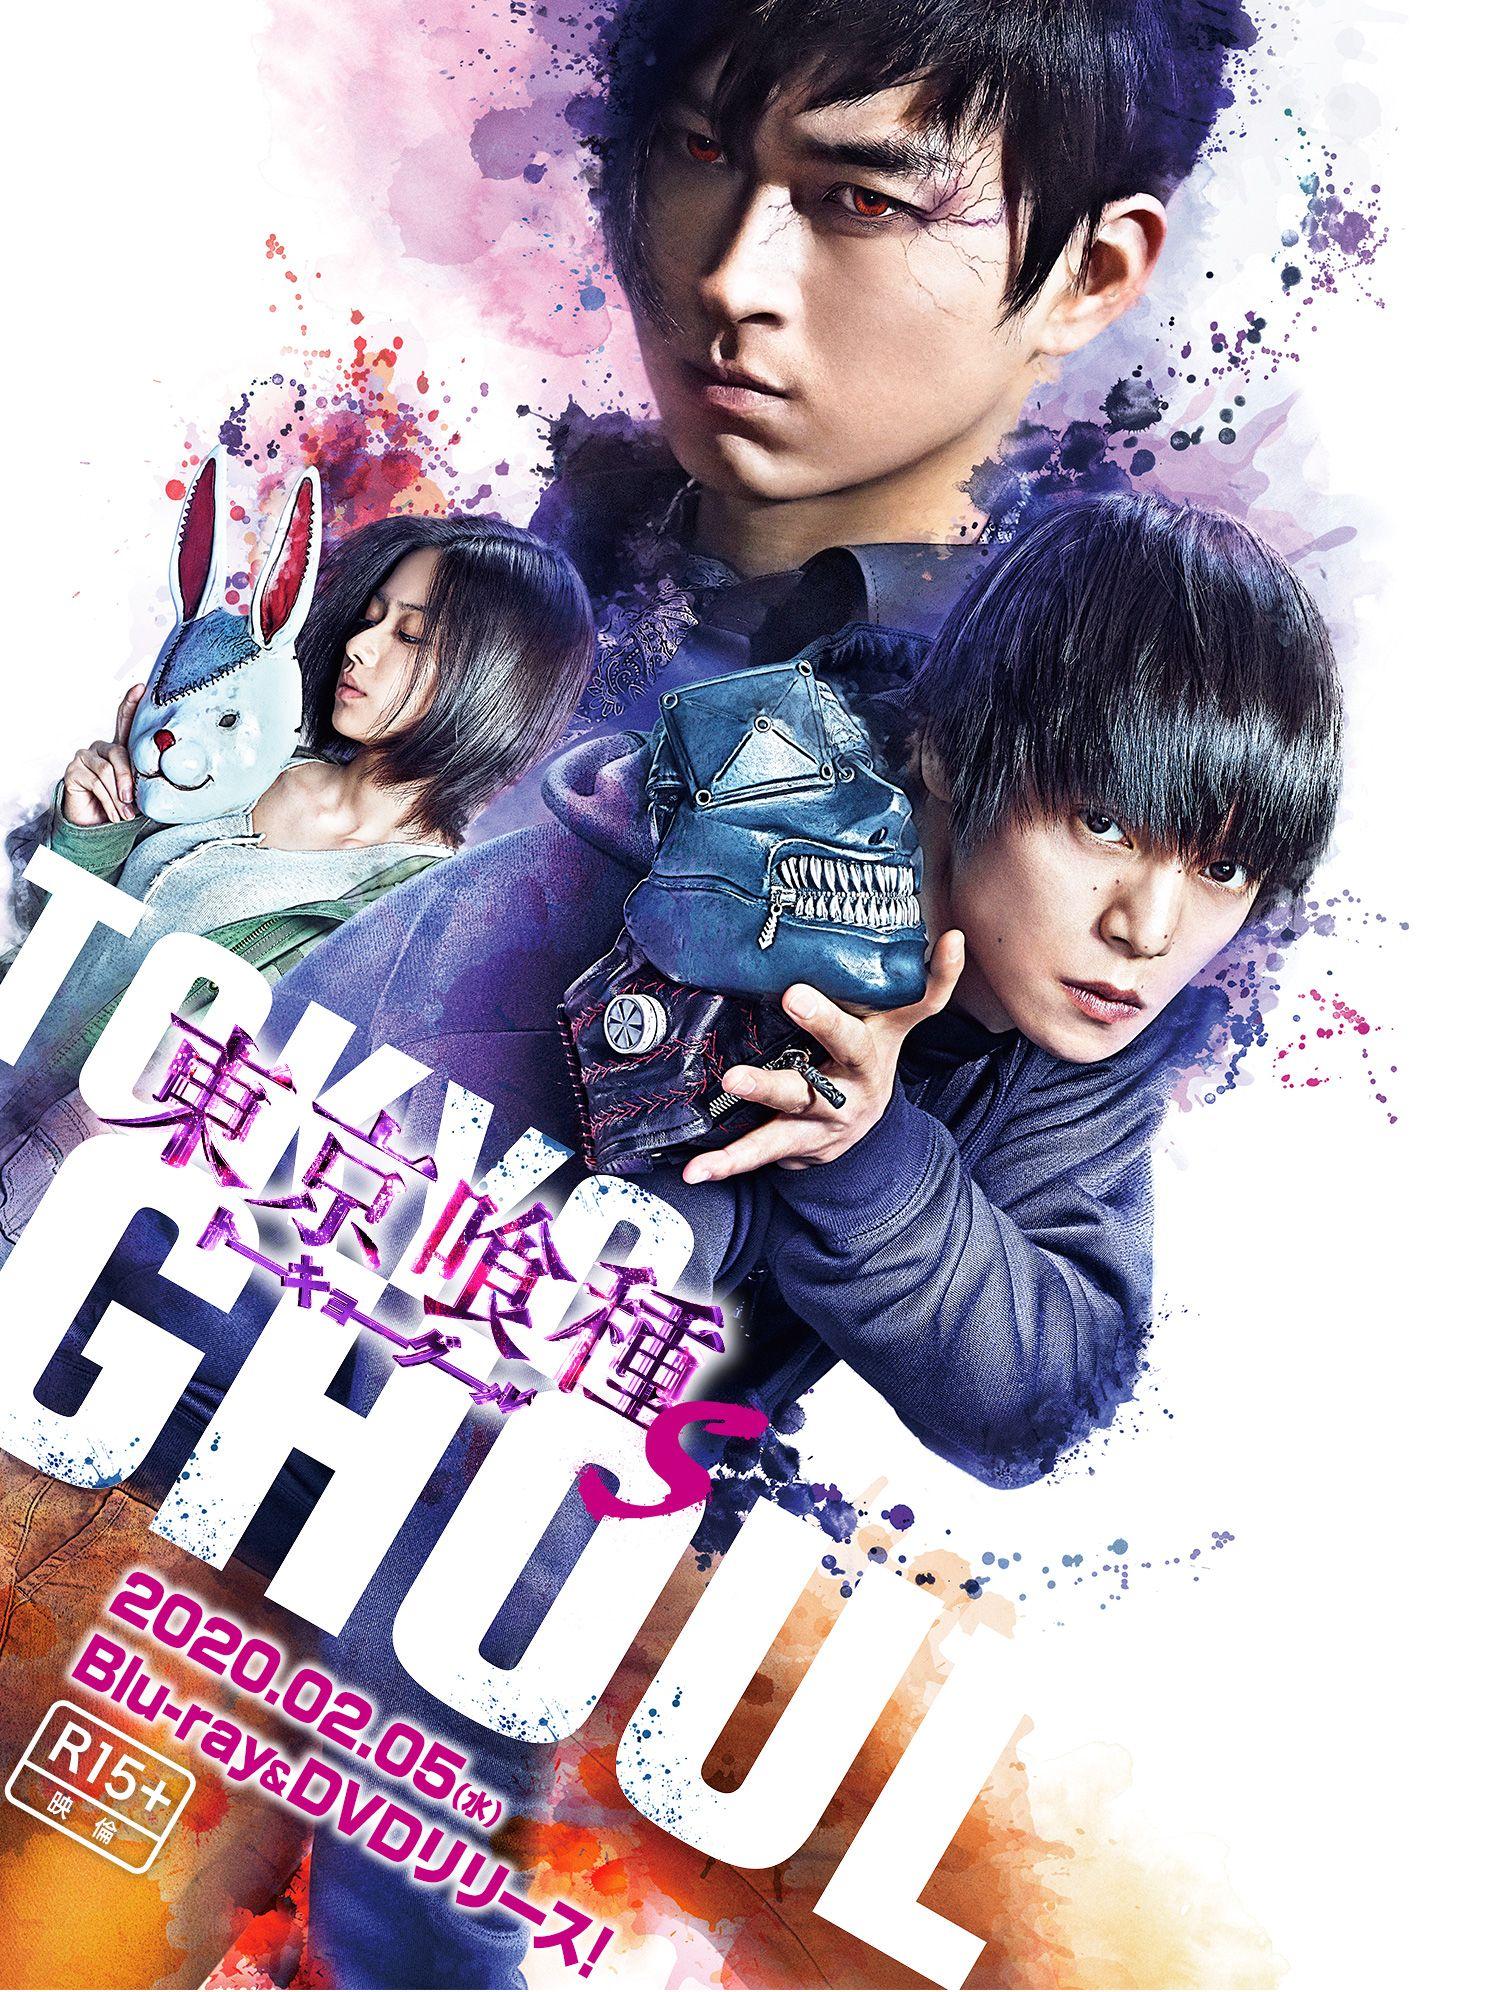 映画『東京喰種 トーキョーグール【S】』|2020年2月5日(水)Bluray&DVDリリース(画像あり